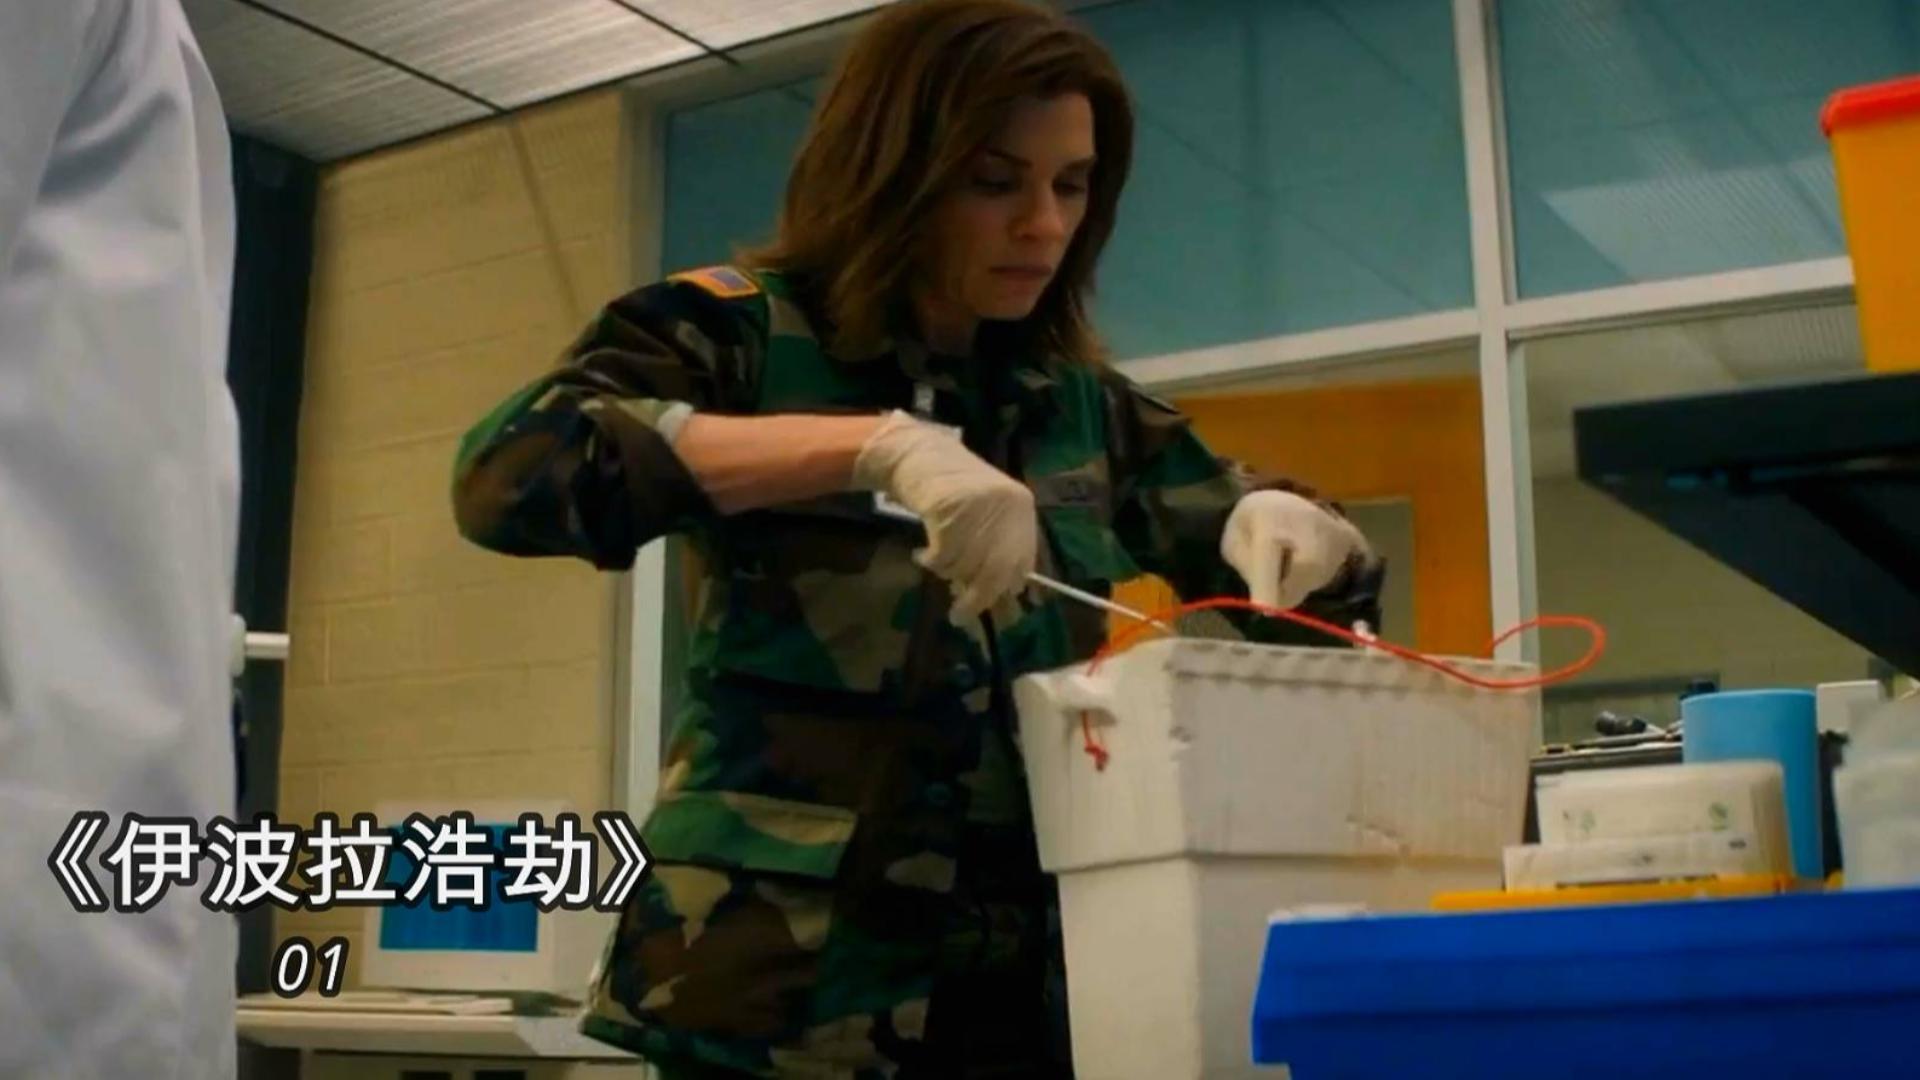 高分病毒美剧《伊波拉浩劫》01:医生检测猴子血样,预感大事不妙